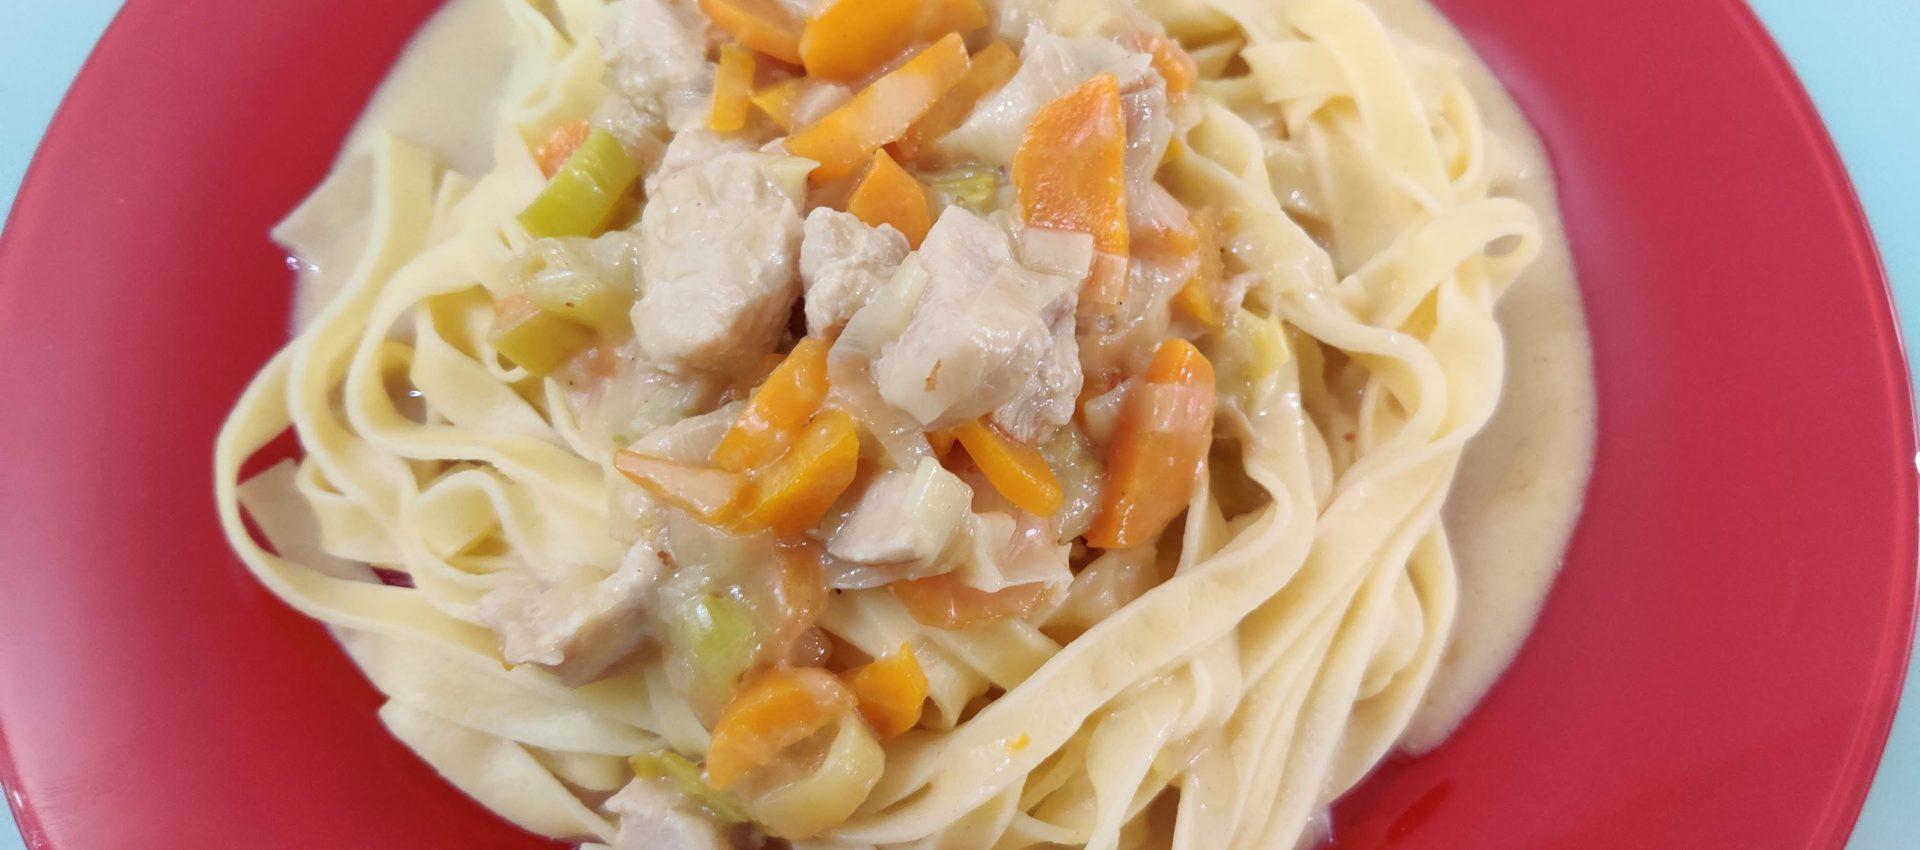 Tagliatelles dinde et légumes à la crème au cookeo